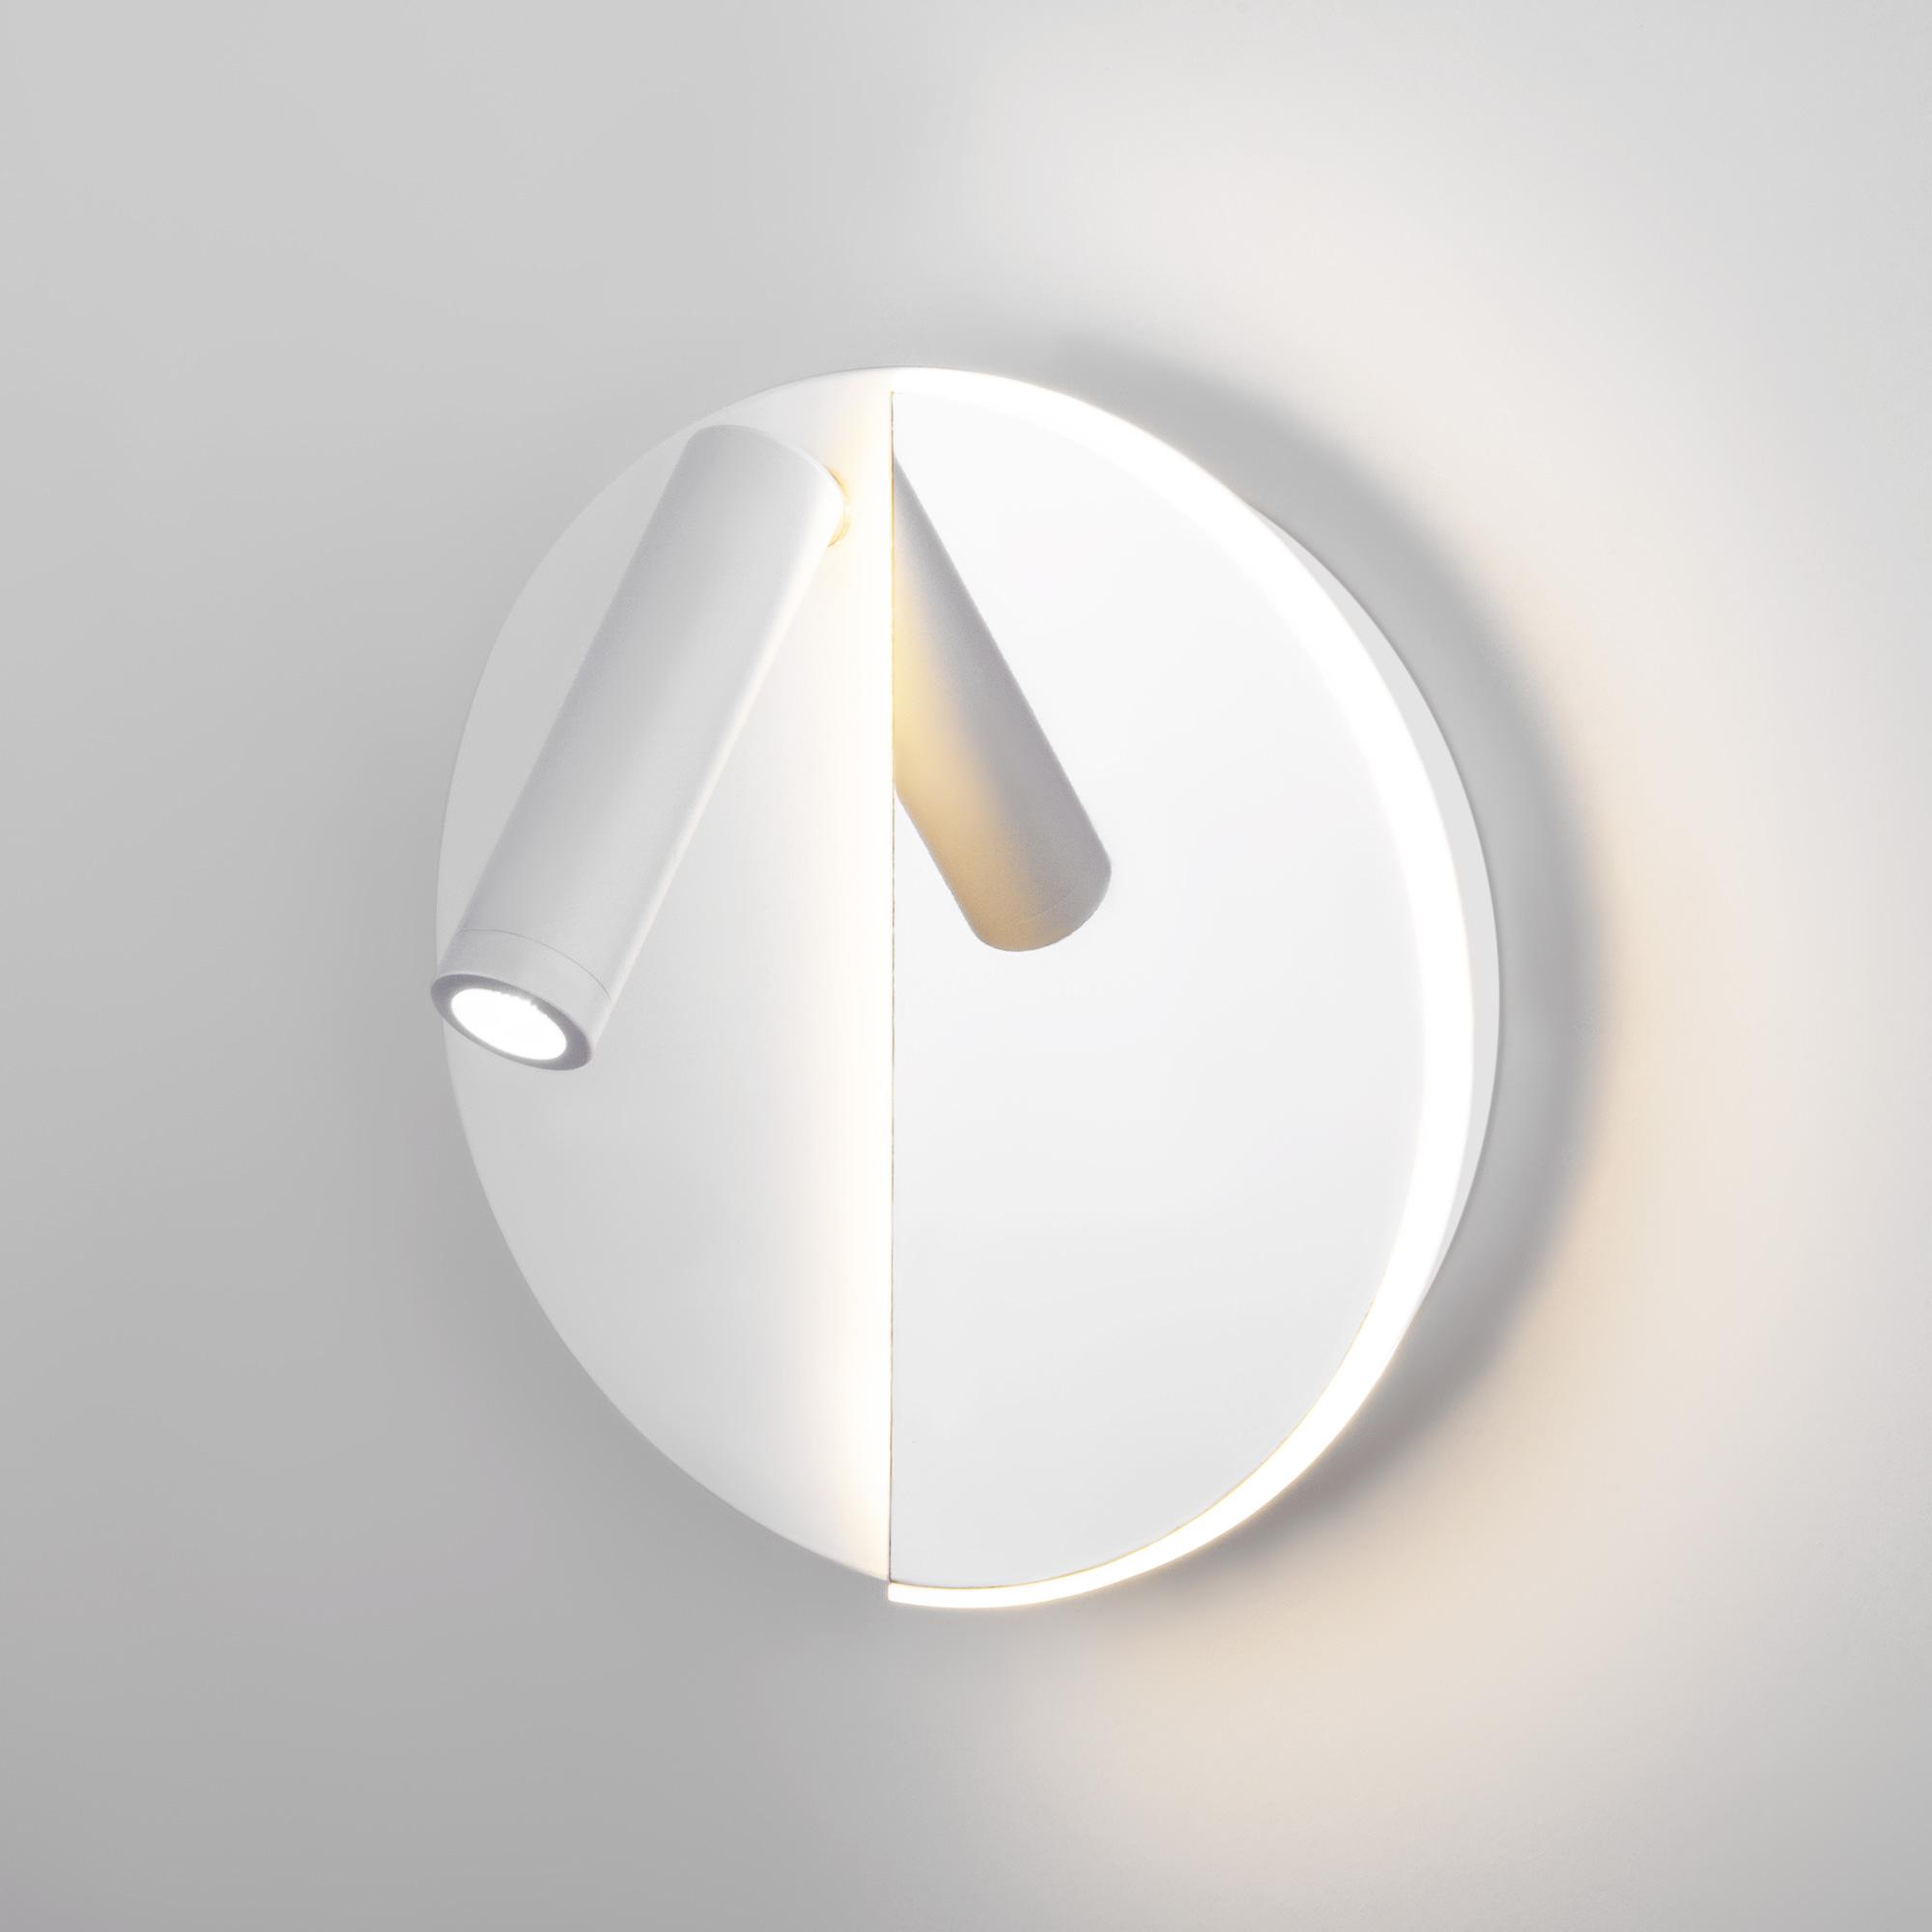 Настенный светодиодный светильник Drom LED 40105/LED белый/хром